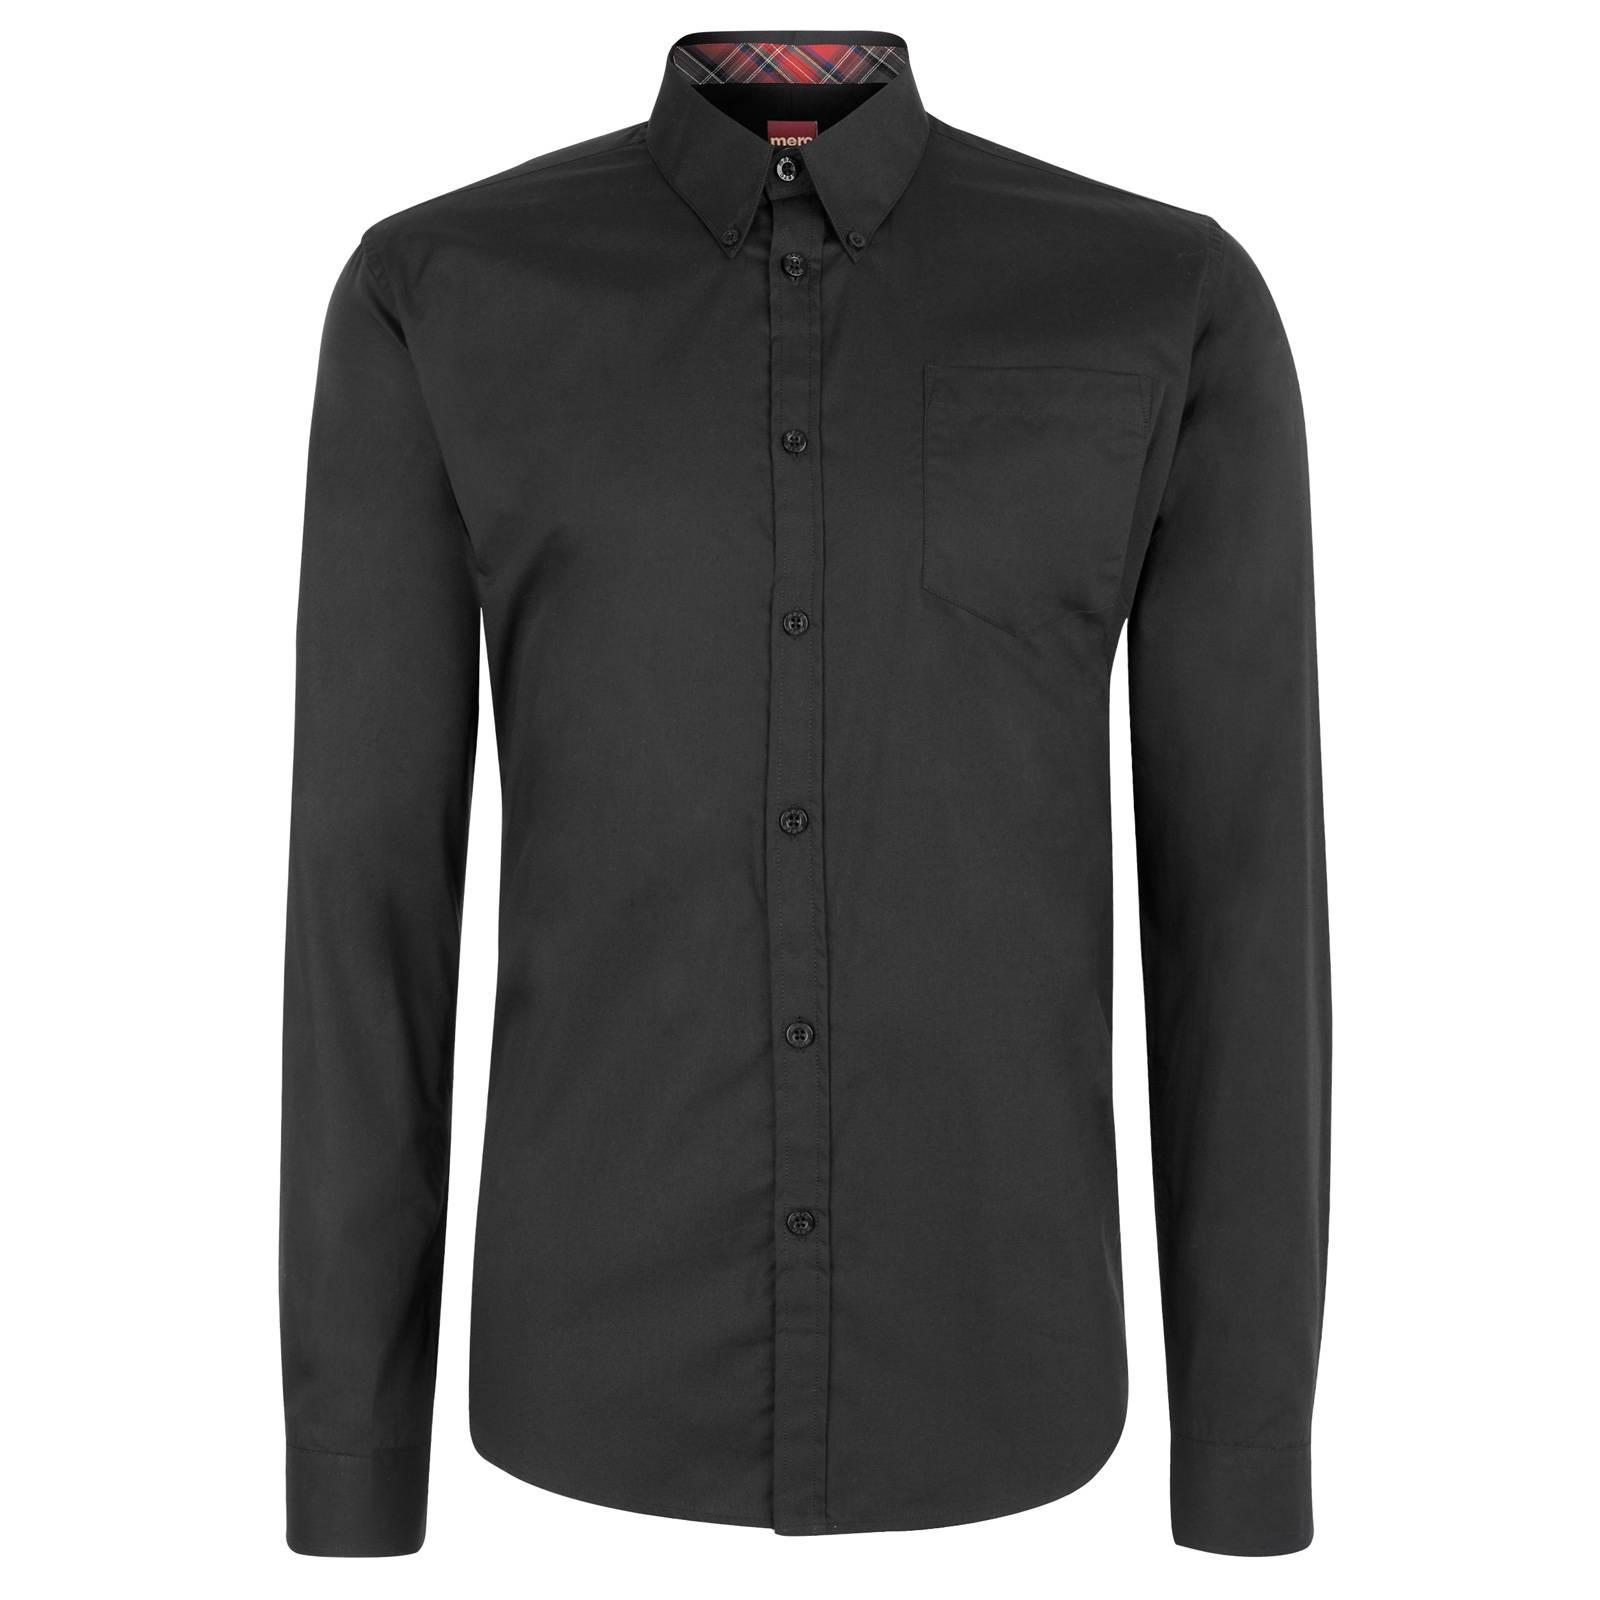 Рубашка AlbinCORE<br>Классическая однотонная рубашка приталенного фасона из легкого хлопкового материала. Традиционный воротник типа button-down пристегнут к основанию рубашки на пуговицы, что позволяет красиво сочетать ее с V-образным вырезом трикотажных изделий или пиджаком, не повязывая галстук. &amp;lt;br /&amp;gt;<br>&amp;lt;br /&amp;gt;<br>Манжеты изнутри украшены традиционным для британского стиля клетчатым узором &amp;amp;quot;тартан&amp;amp;quot;, превращающим эту рубашку из строгой в неформальную, если закатать рукава за кружечкой стаута в пабе после рабочего дня. Аналогичной тканью декорирована и внутренняя часть воротника - заметная искушенному глазу приятная контрастная деталь при расстегнутой верхней пуговице.&amp;lt;br /&amp;gt;<br>&amp;lt;br /&amp;gt;<br>Можно заправлять в брюки или носить на выпуск, чему способствует фигурный низ сорочки.<br><br>Артикул: 1506301<br>Материал: 100% хлопок<br>Цвет: черный<br>Пол: Мужской